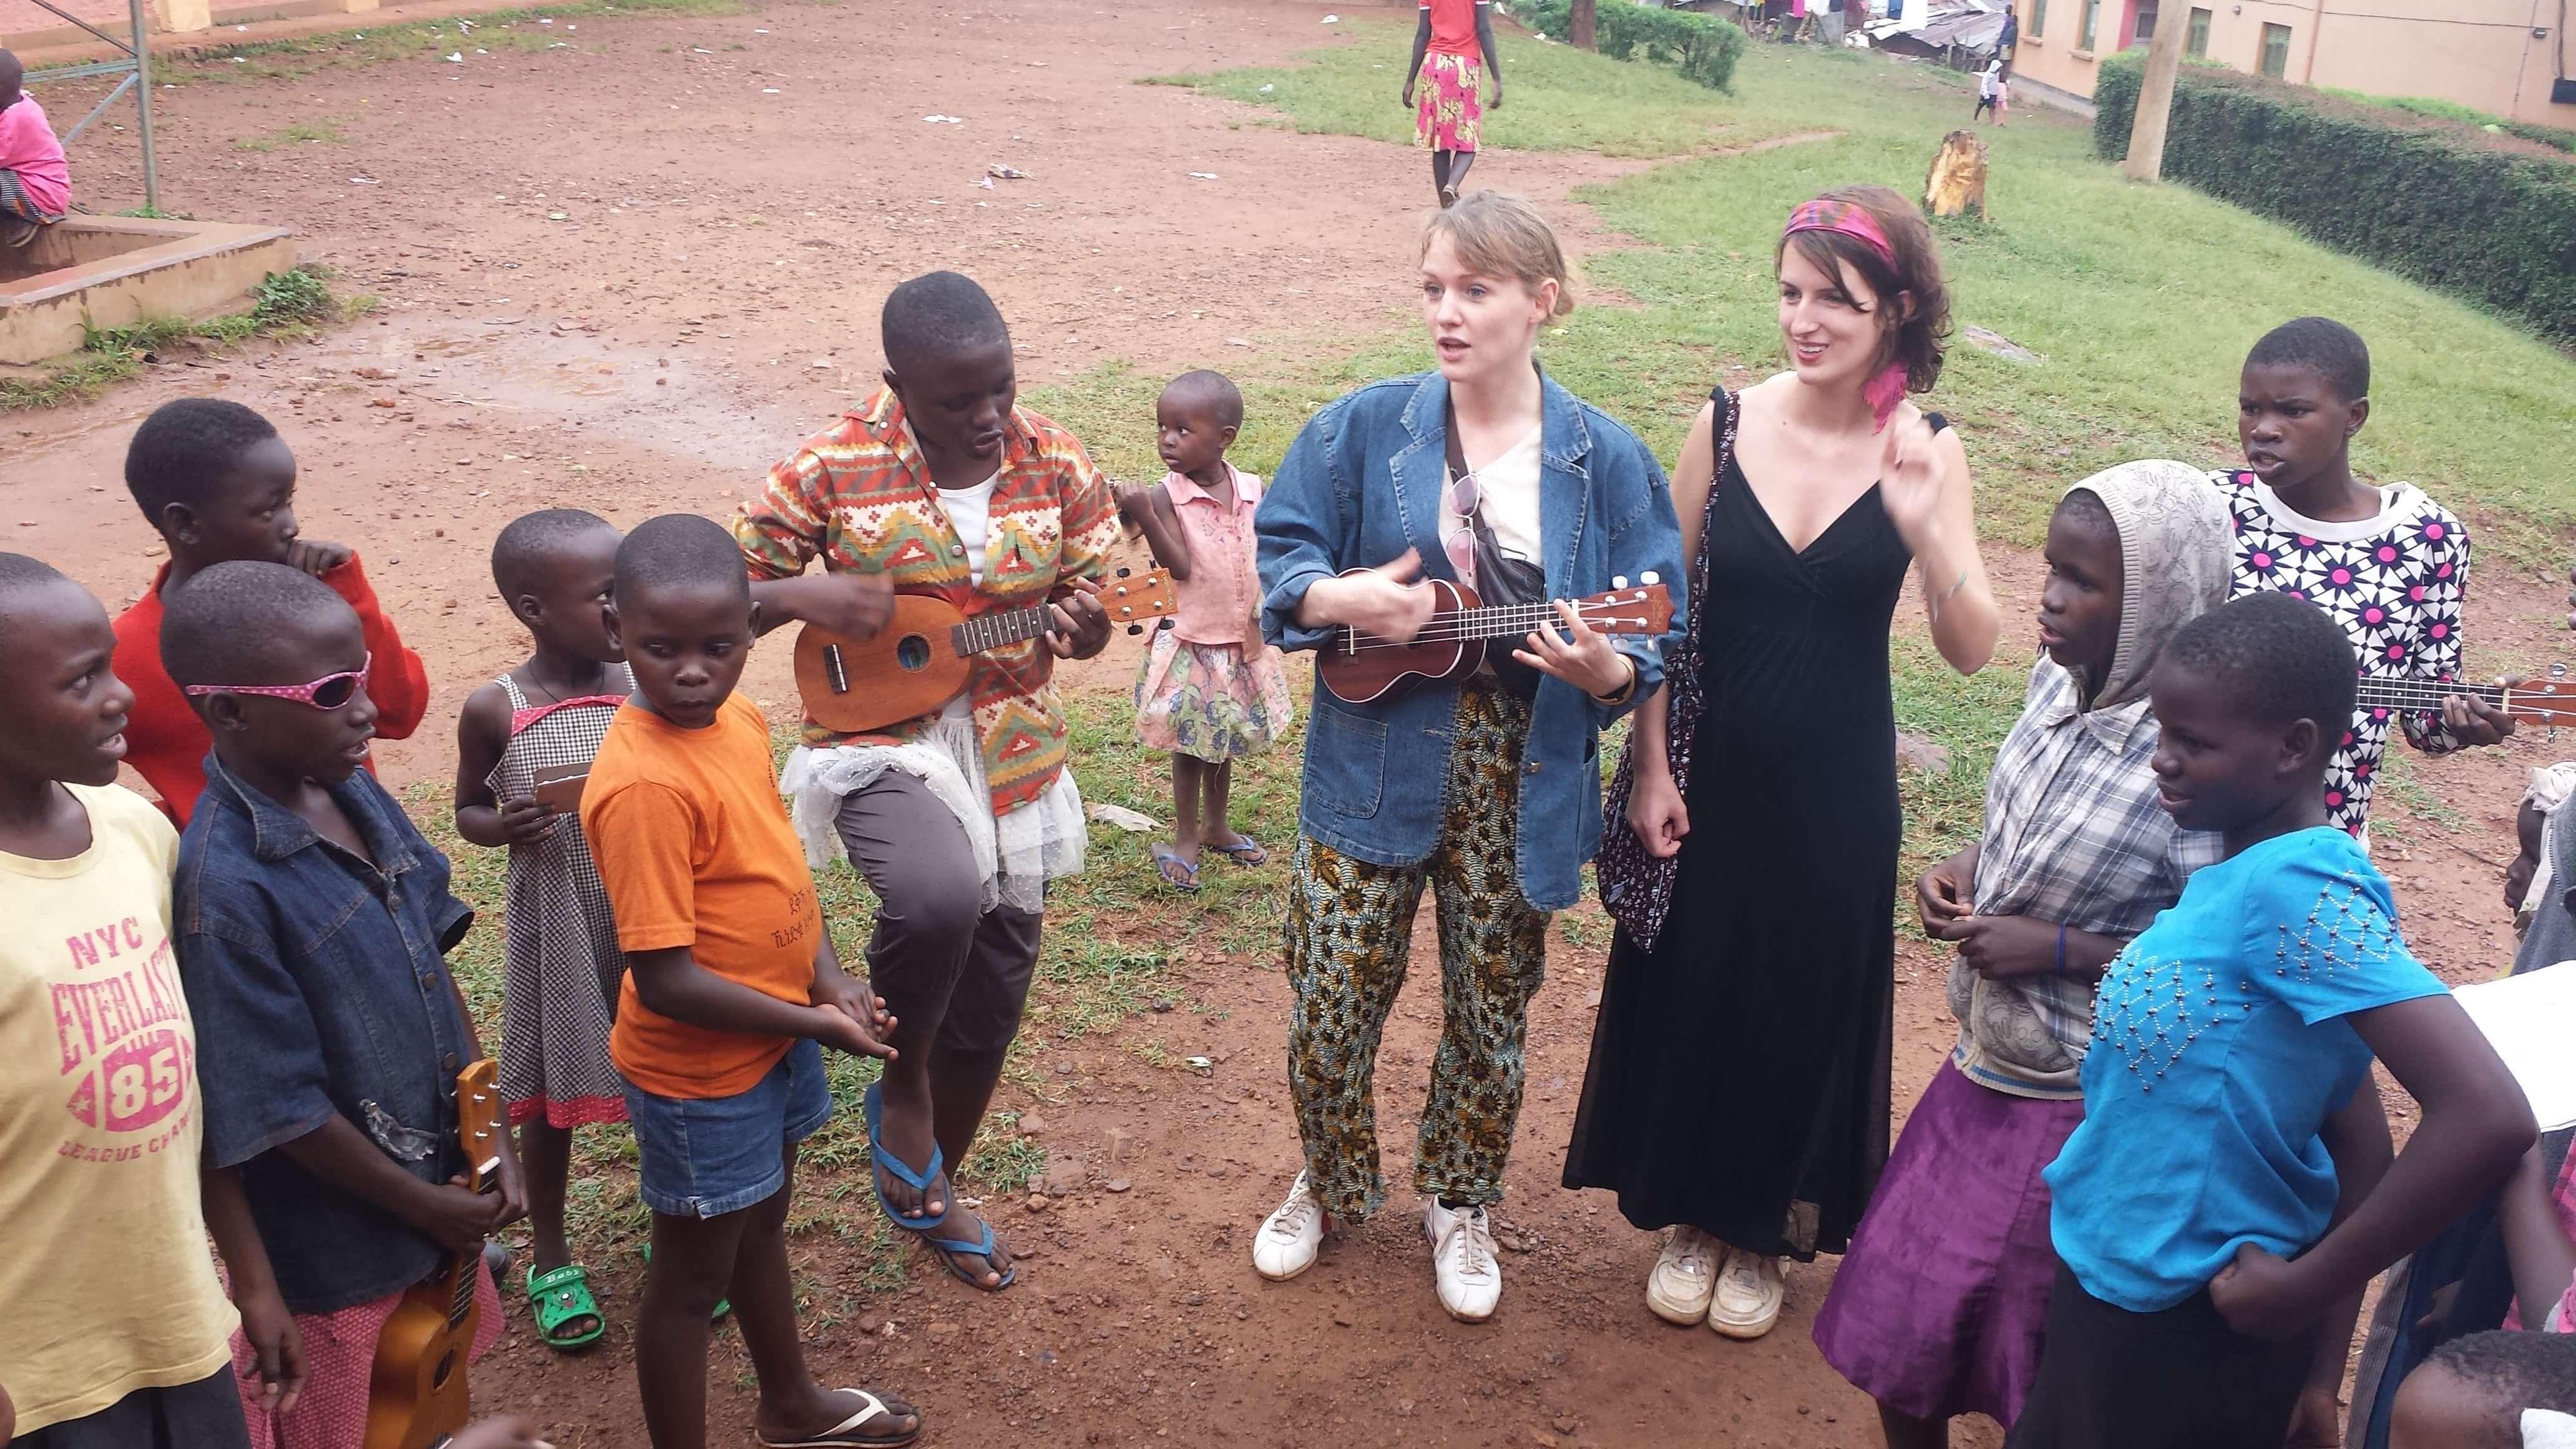 Reizigers naar Afrika opgelet! Dit syndroom ligt op de loer